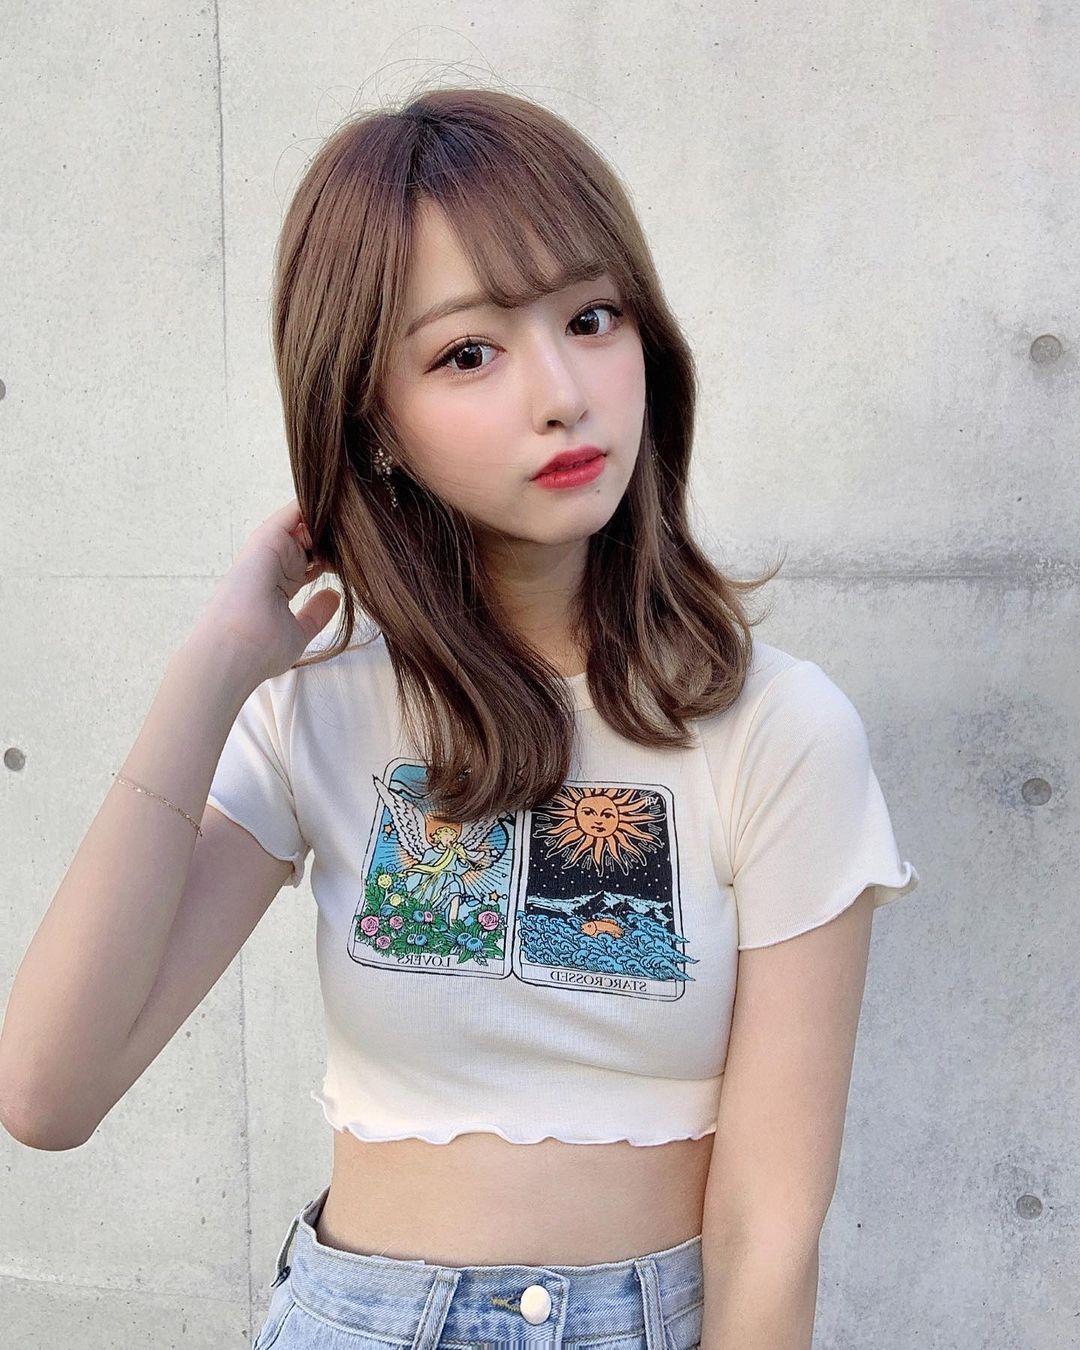 正翻了.名古屋「美女大学生」甜美又有气质,纤细小蛮腰超迷人. 日本美女 邻家女孩 美少女 养眼图片 第7张